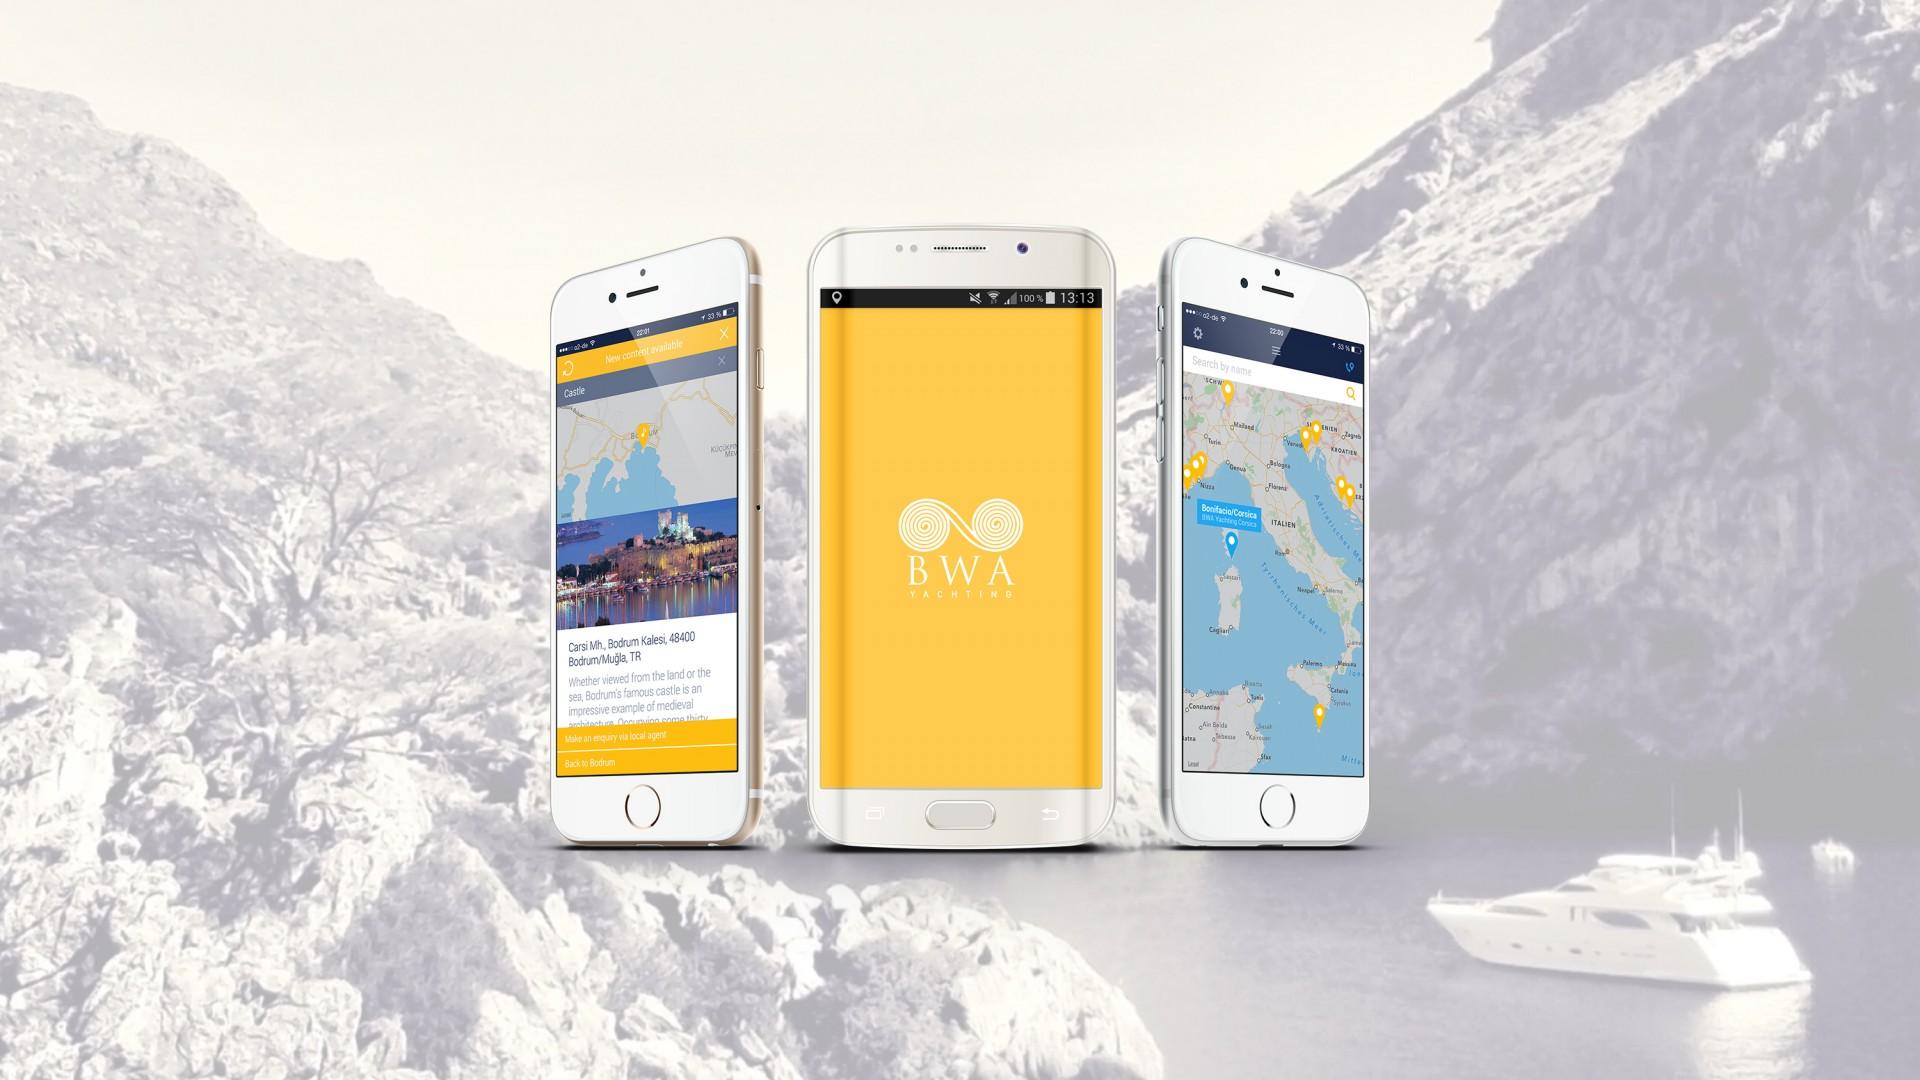 BWA Yachting – App Development